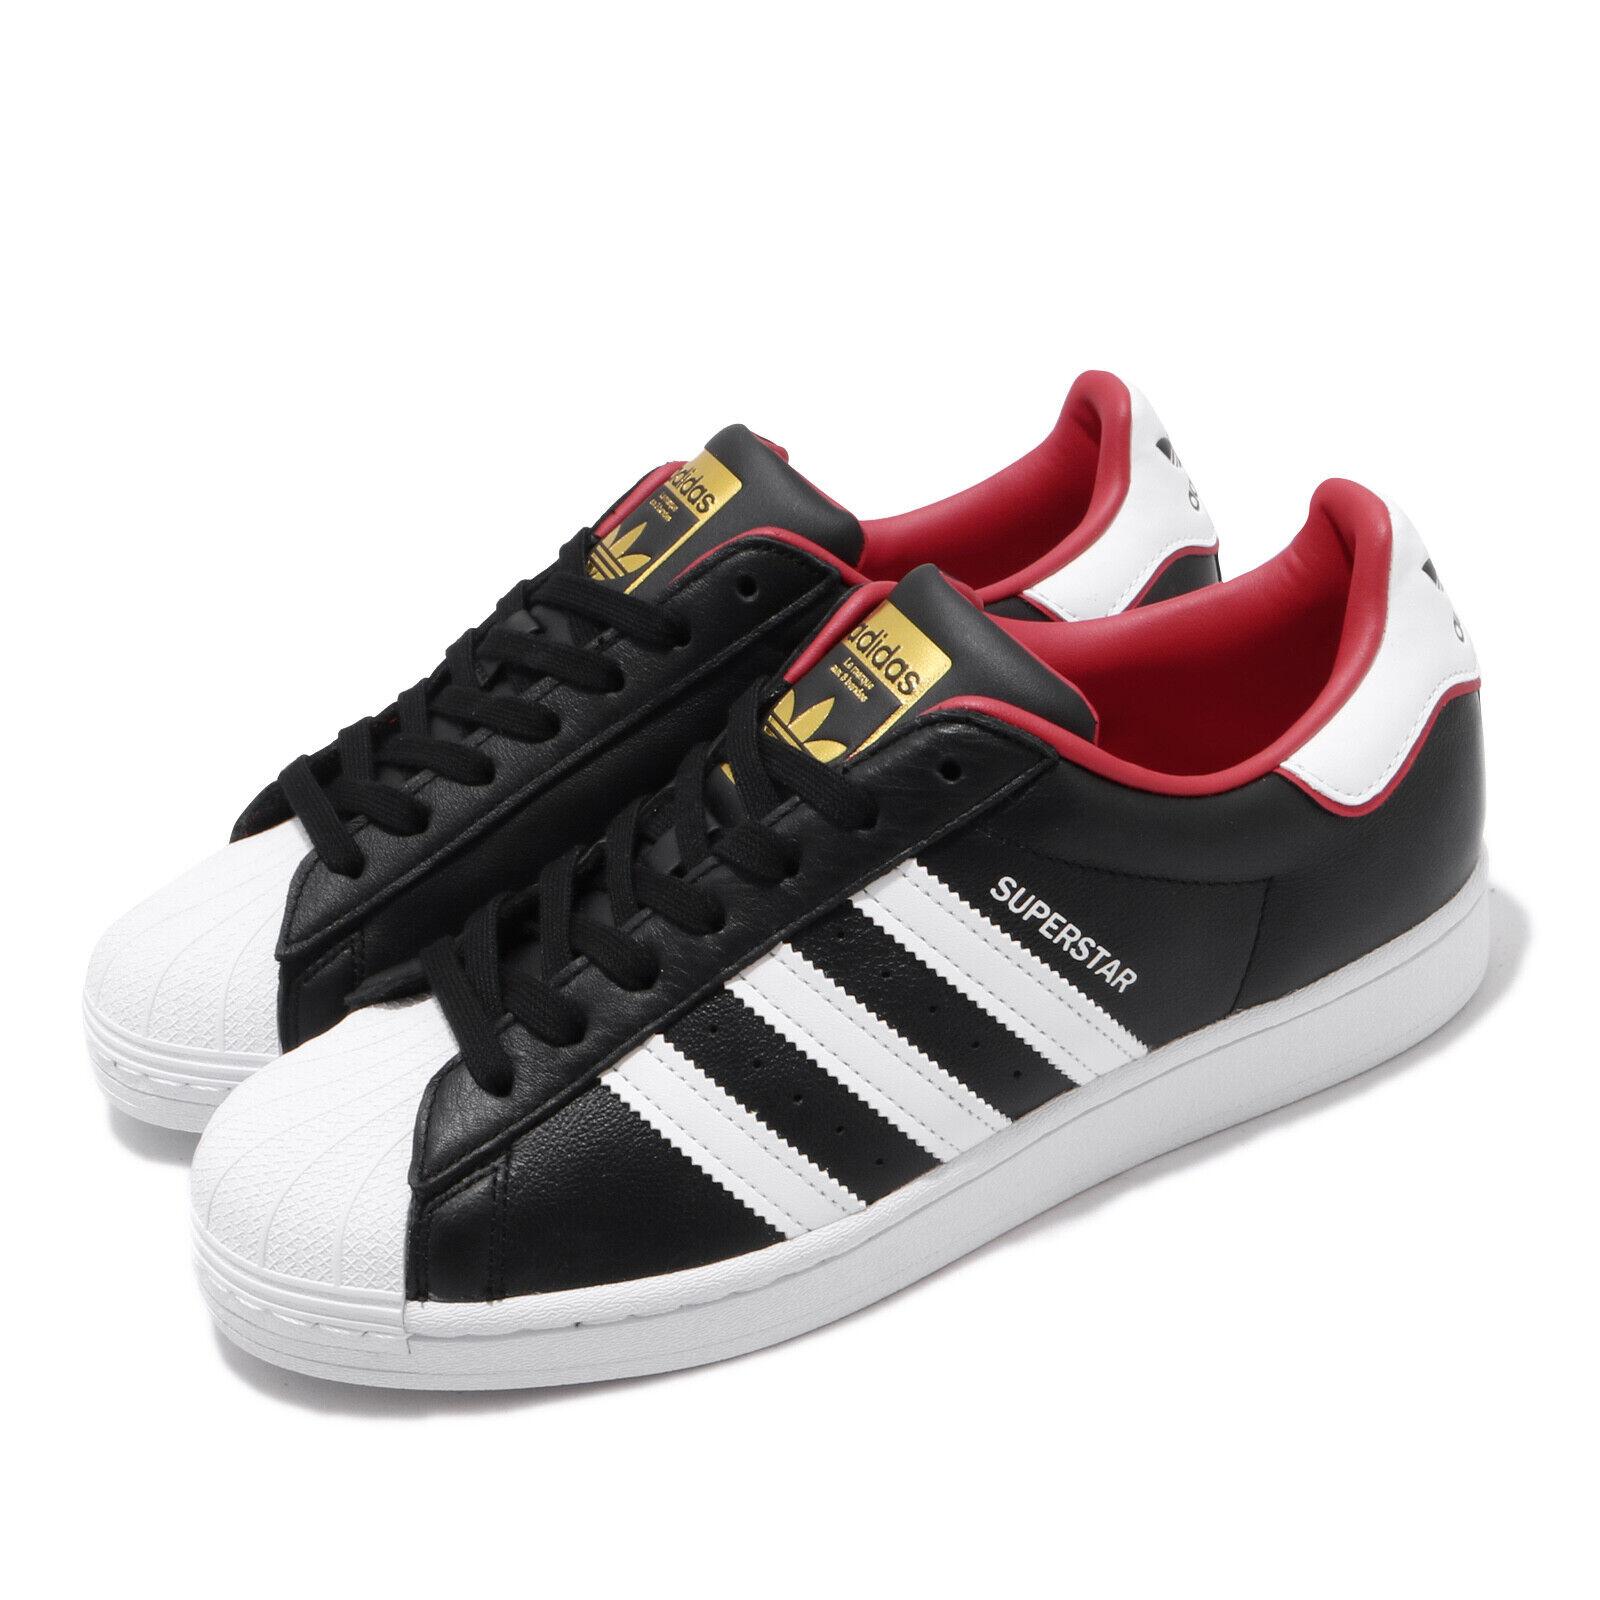 adidas Originals Valentines Day LOVE Black White Red Men Unisex Classic FW6385